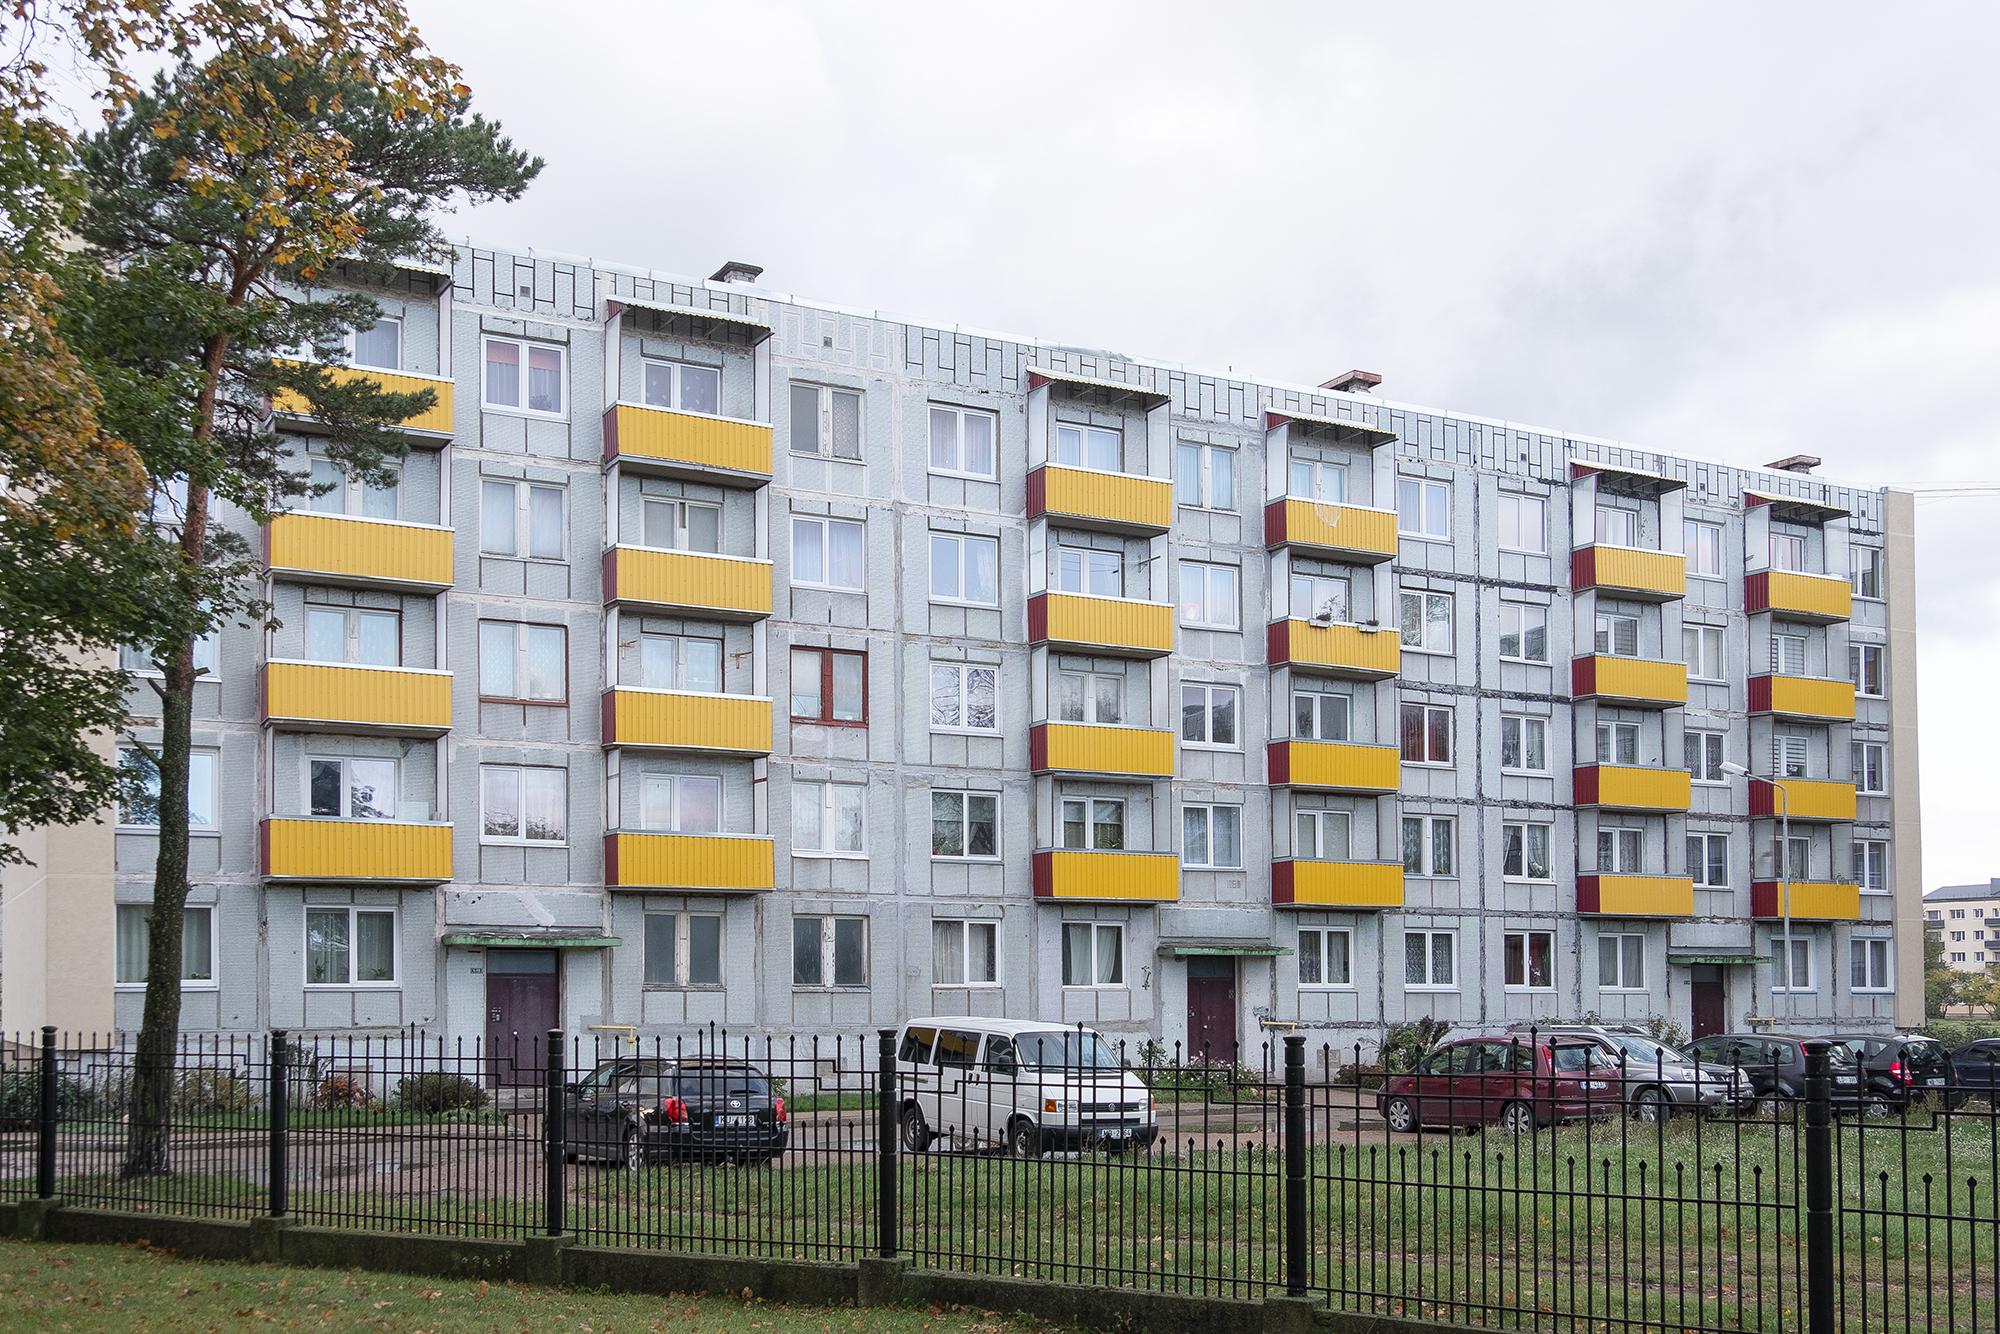 Как в Европе живет средний класс много, пятиэтажки, денег, уютные, квартиры, поскольку, московских, Яндекс, рублей, Москве, квартиру, можно, Латвии, очень, Европе, Воркуты, Европу, совсем, перебраться, средний